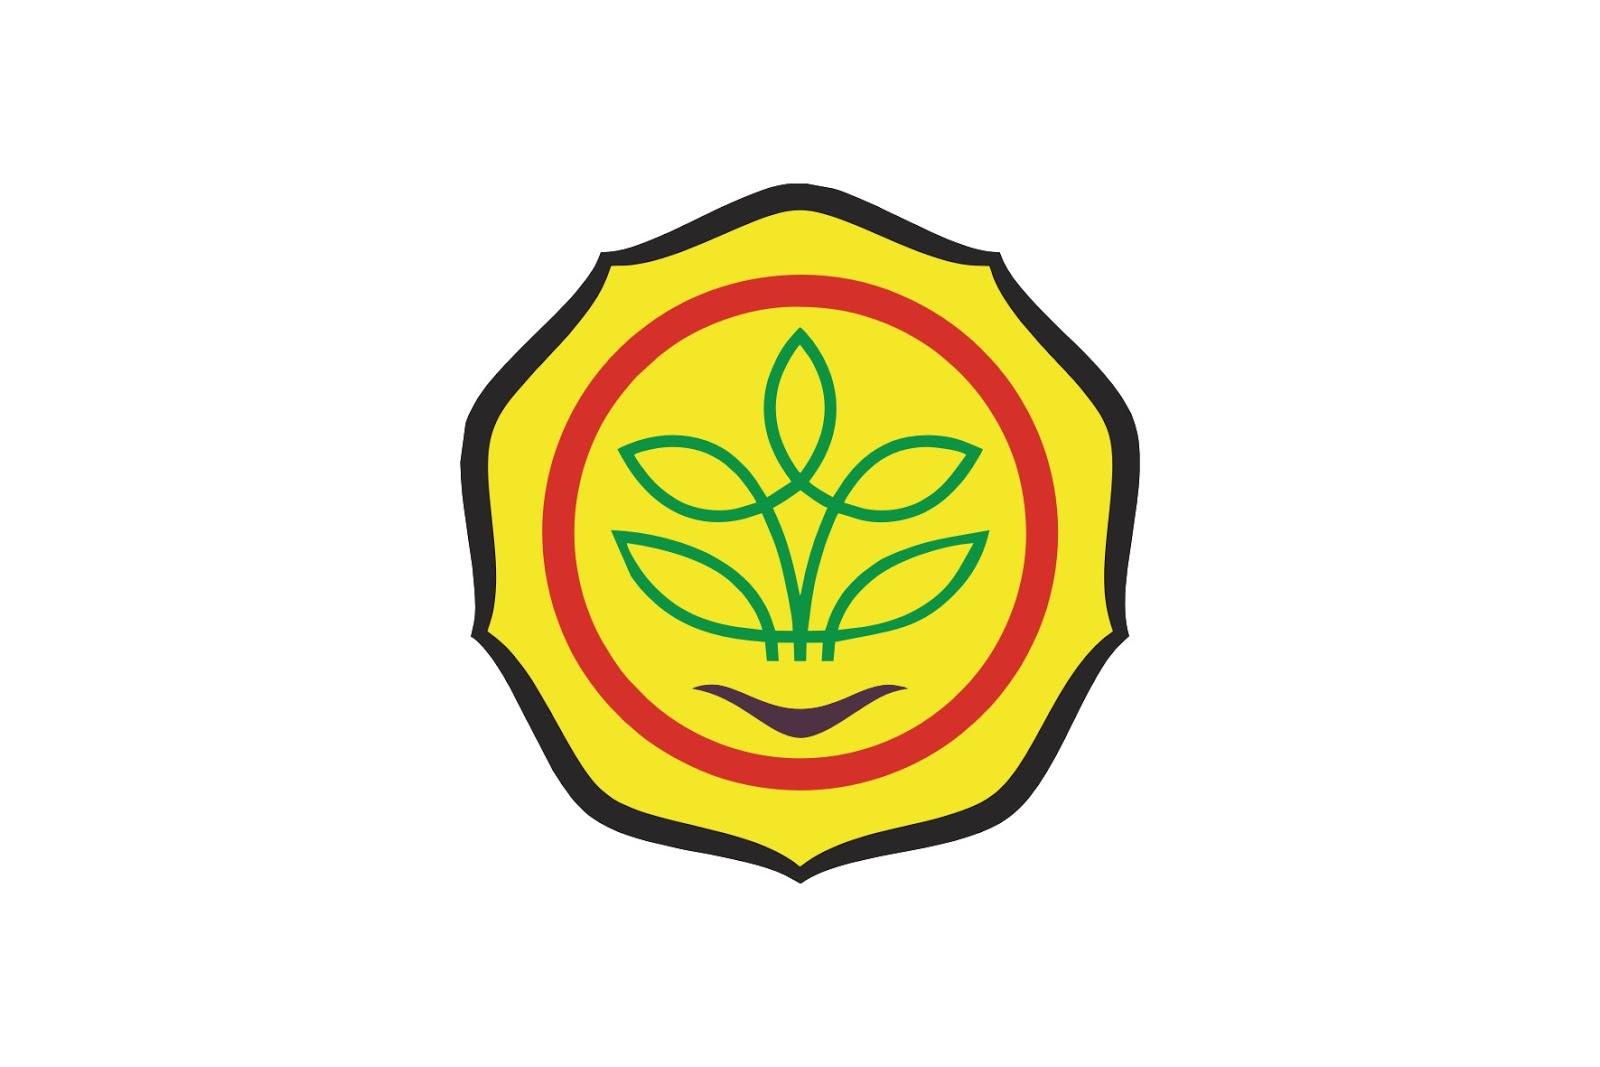 Kementerian Pertanian Logo